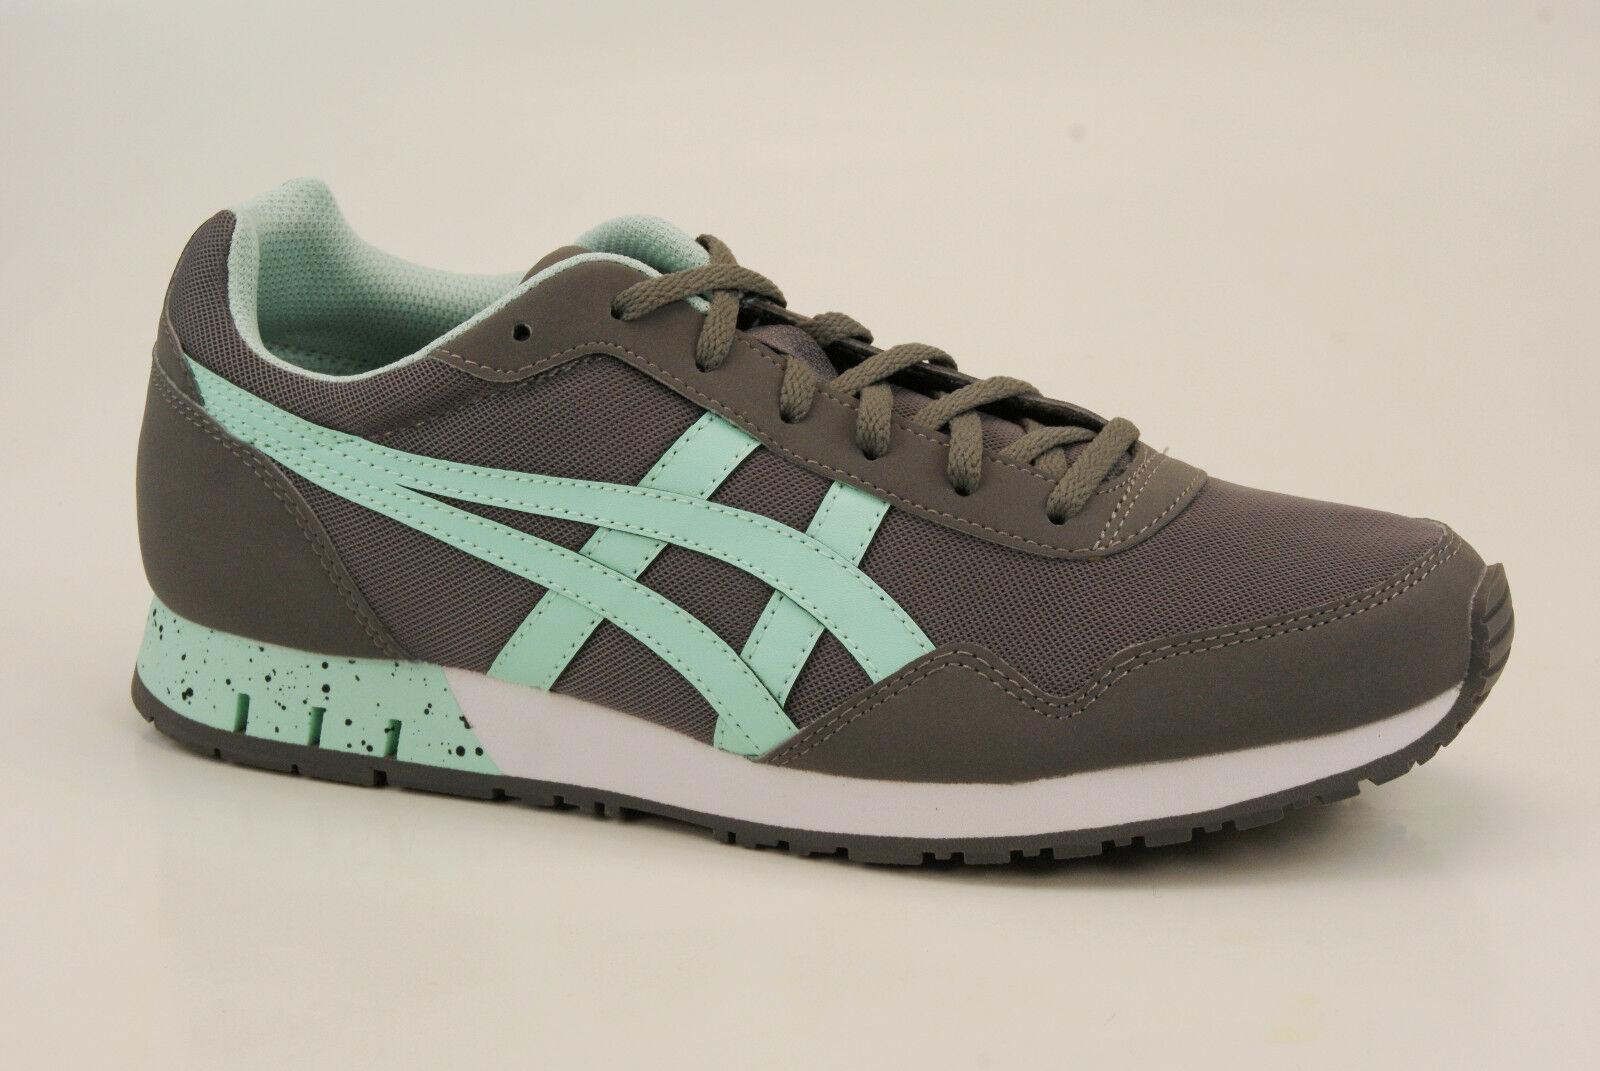 Asics Curreo scarpe da ginnastica Trainers Sport scarpe Men's  Lace -Up Hn537 -1176  fino al 60% di sconto